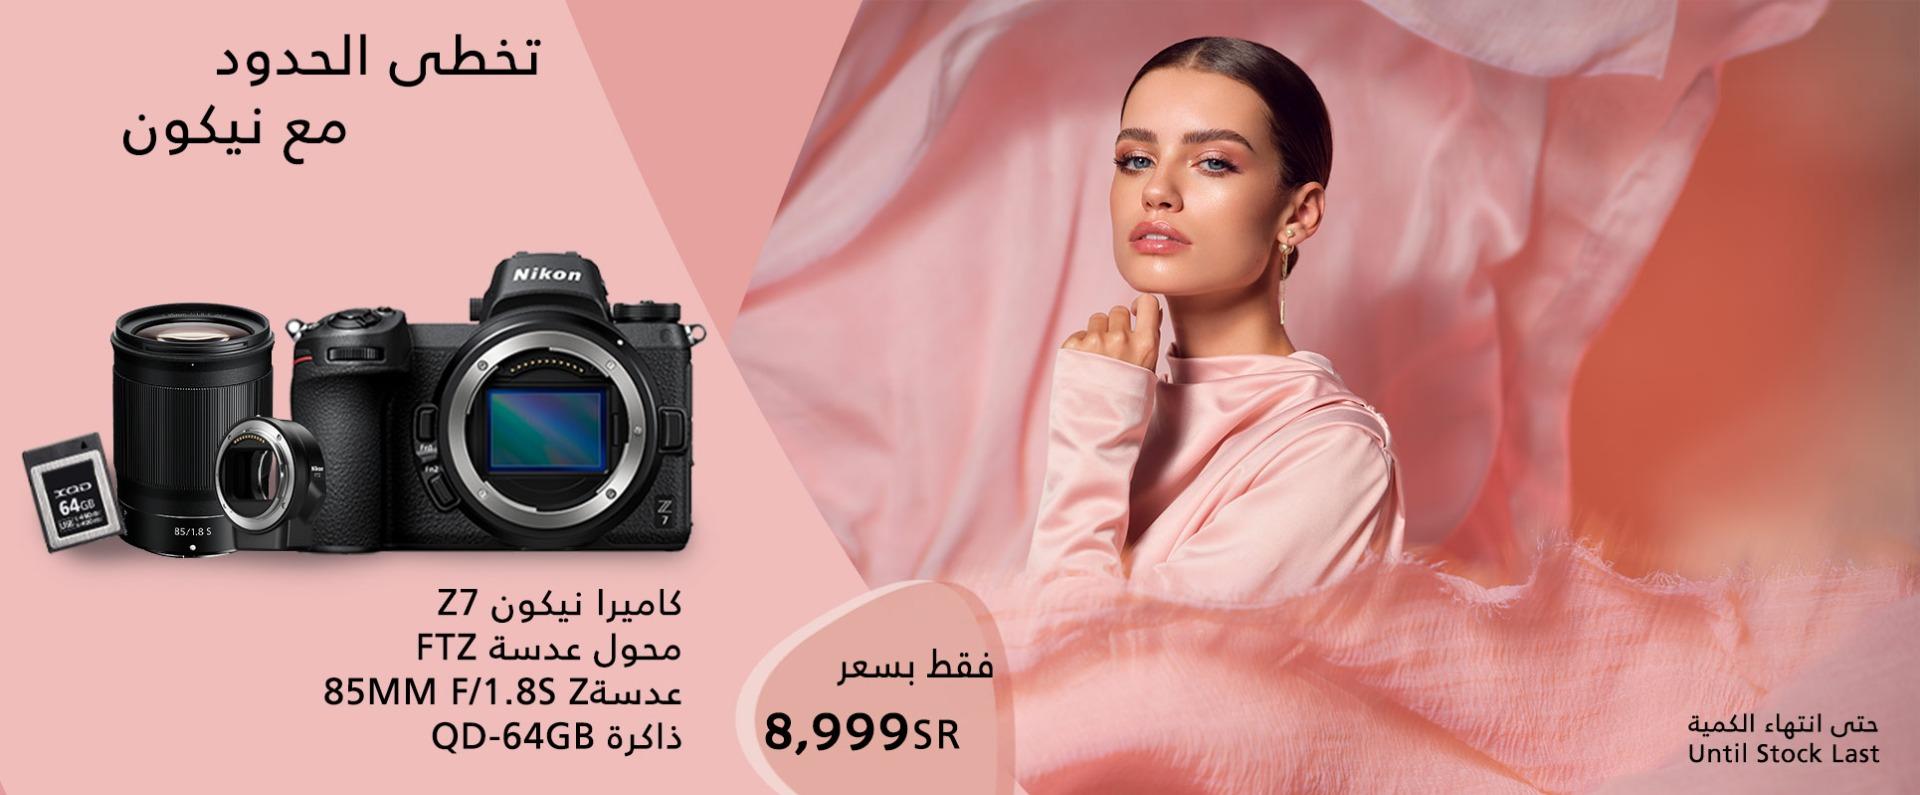 Nikon z7 offer